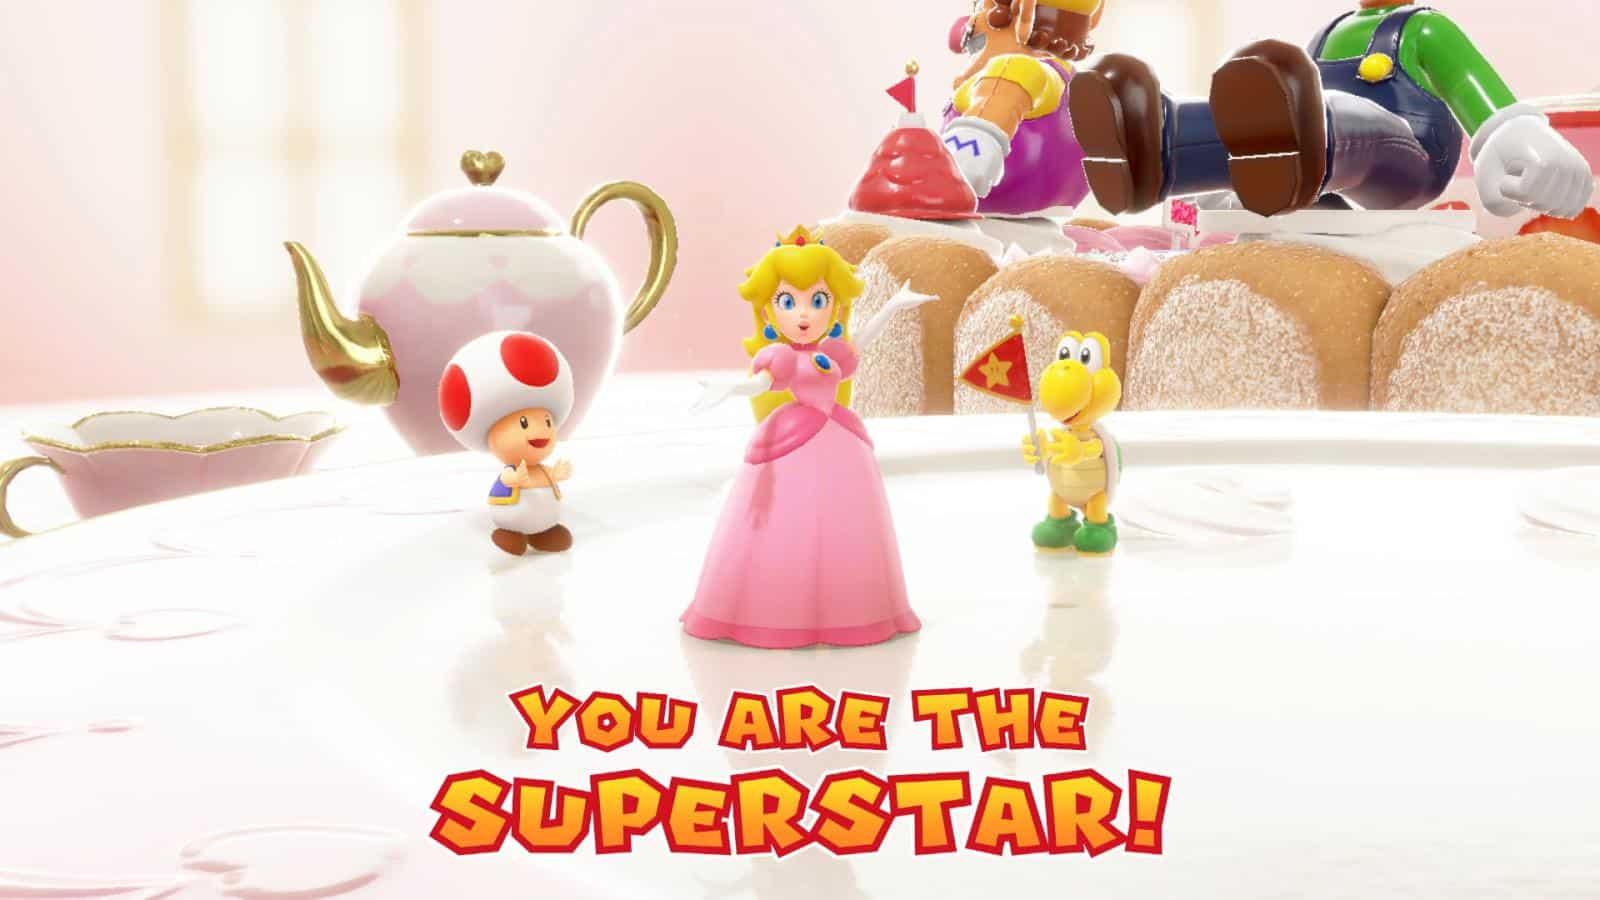 צילום מסך 3 למשחק: Mario Party Superstars לקונסולת נינטנדו סוויץ' פיץ' יושי וקפטן טוד